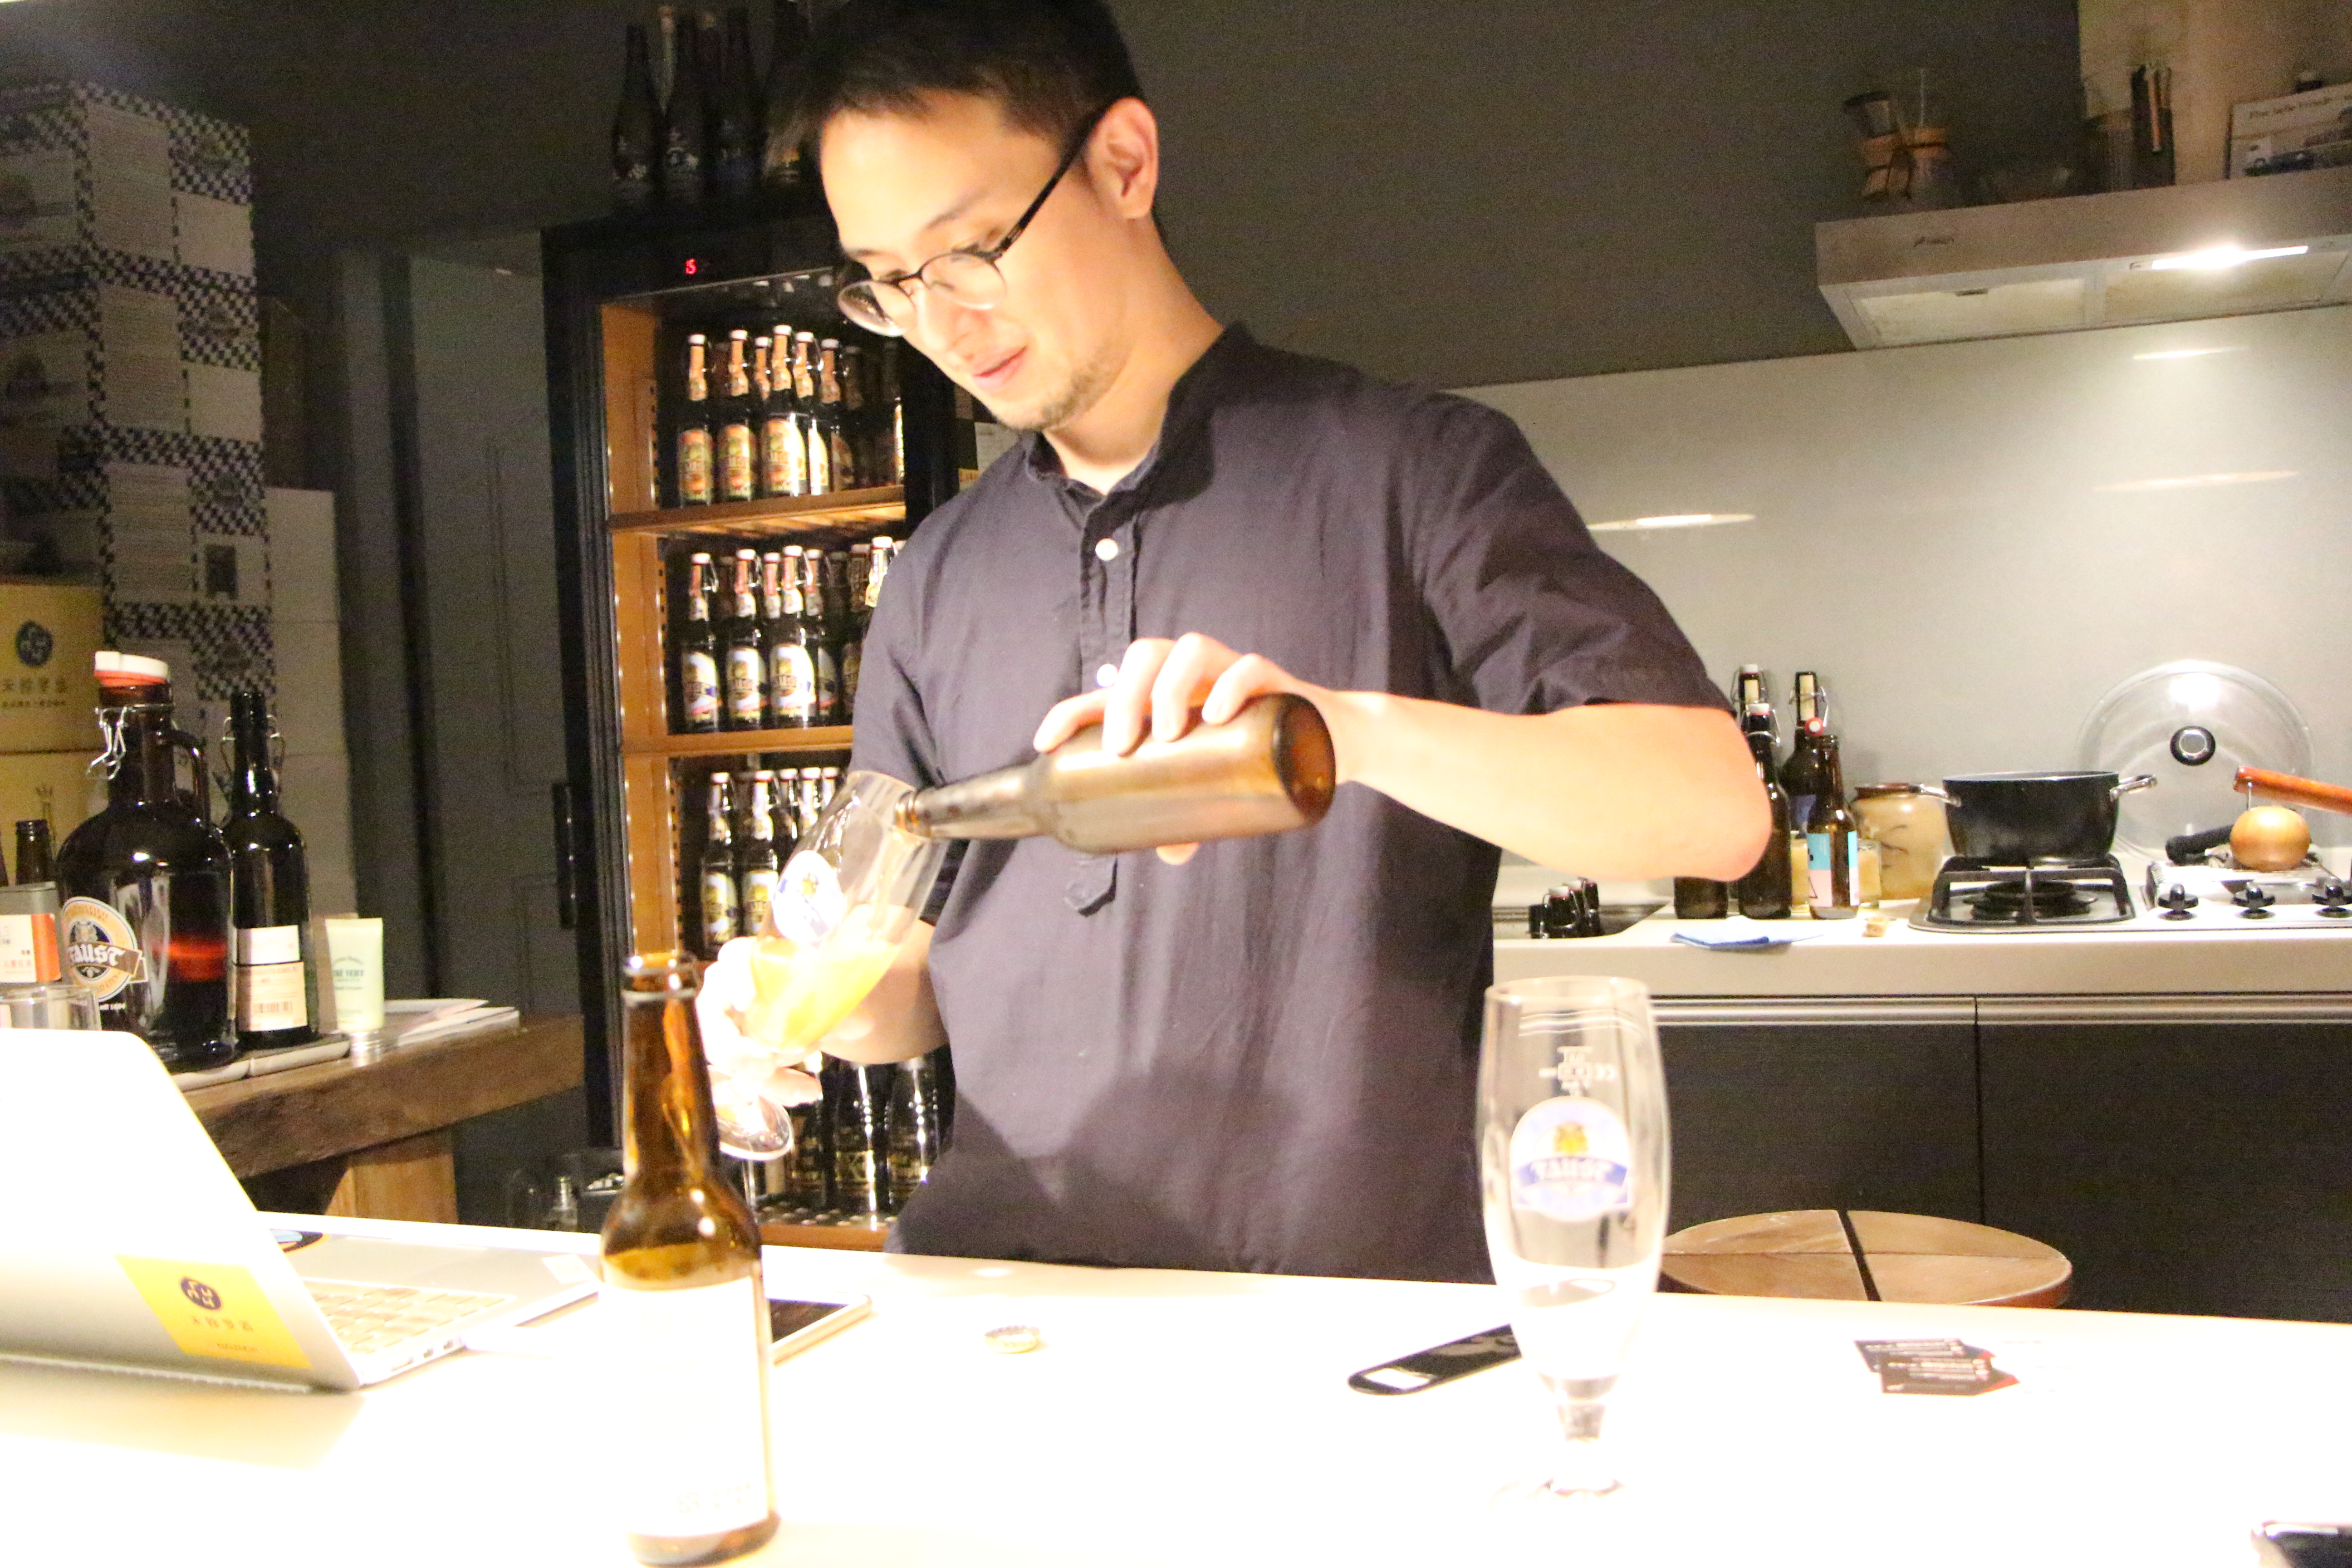 禾餘麥酒創辦人陳相全,致力於使用台灣在地農作釀造啤酒。攝影/陳研旻